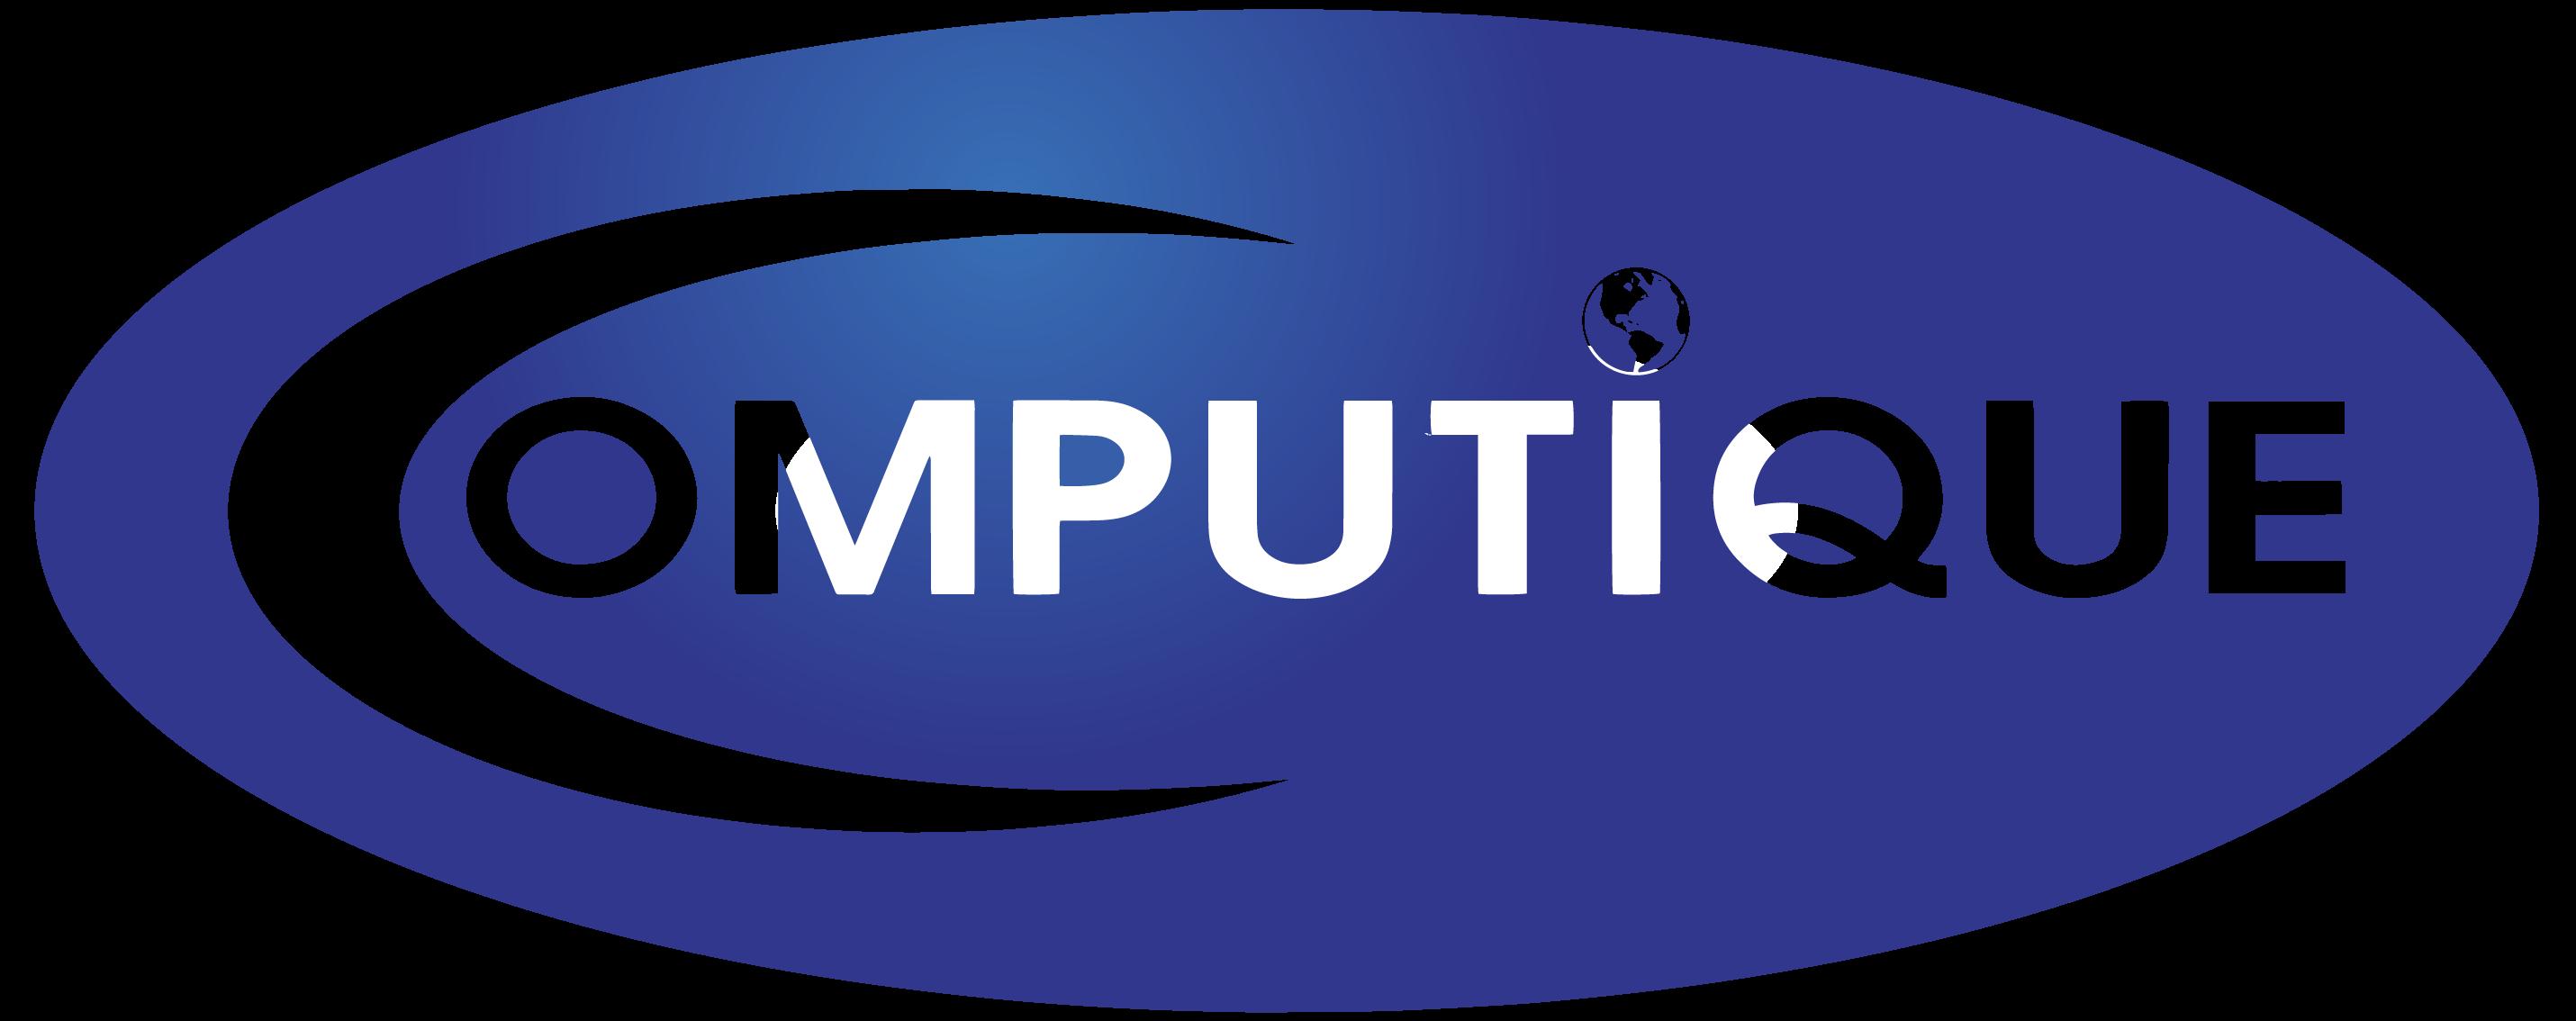 Autodeal Computique SXM